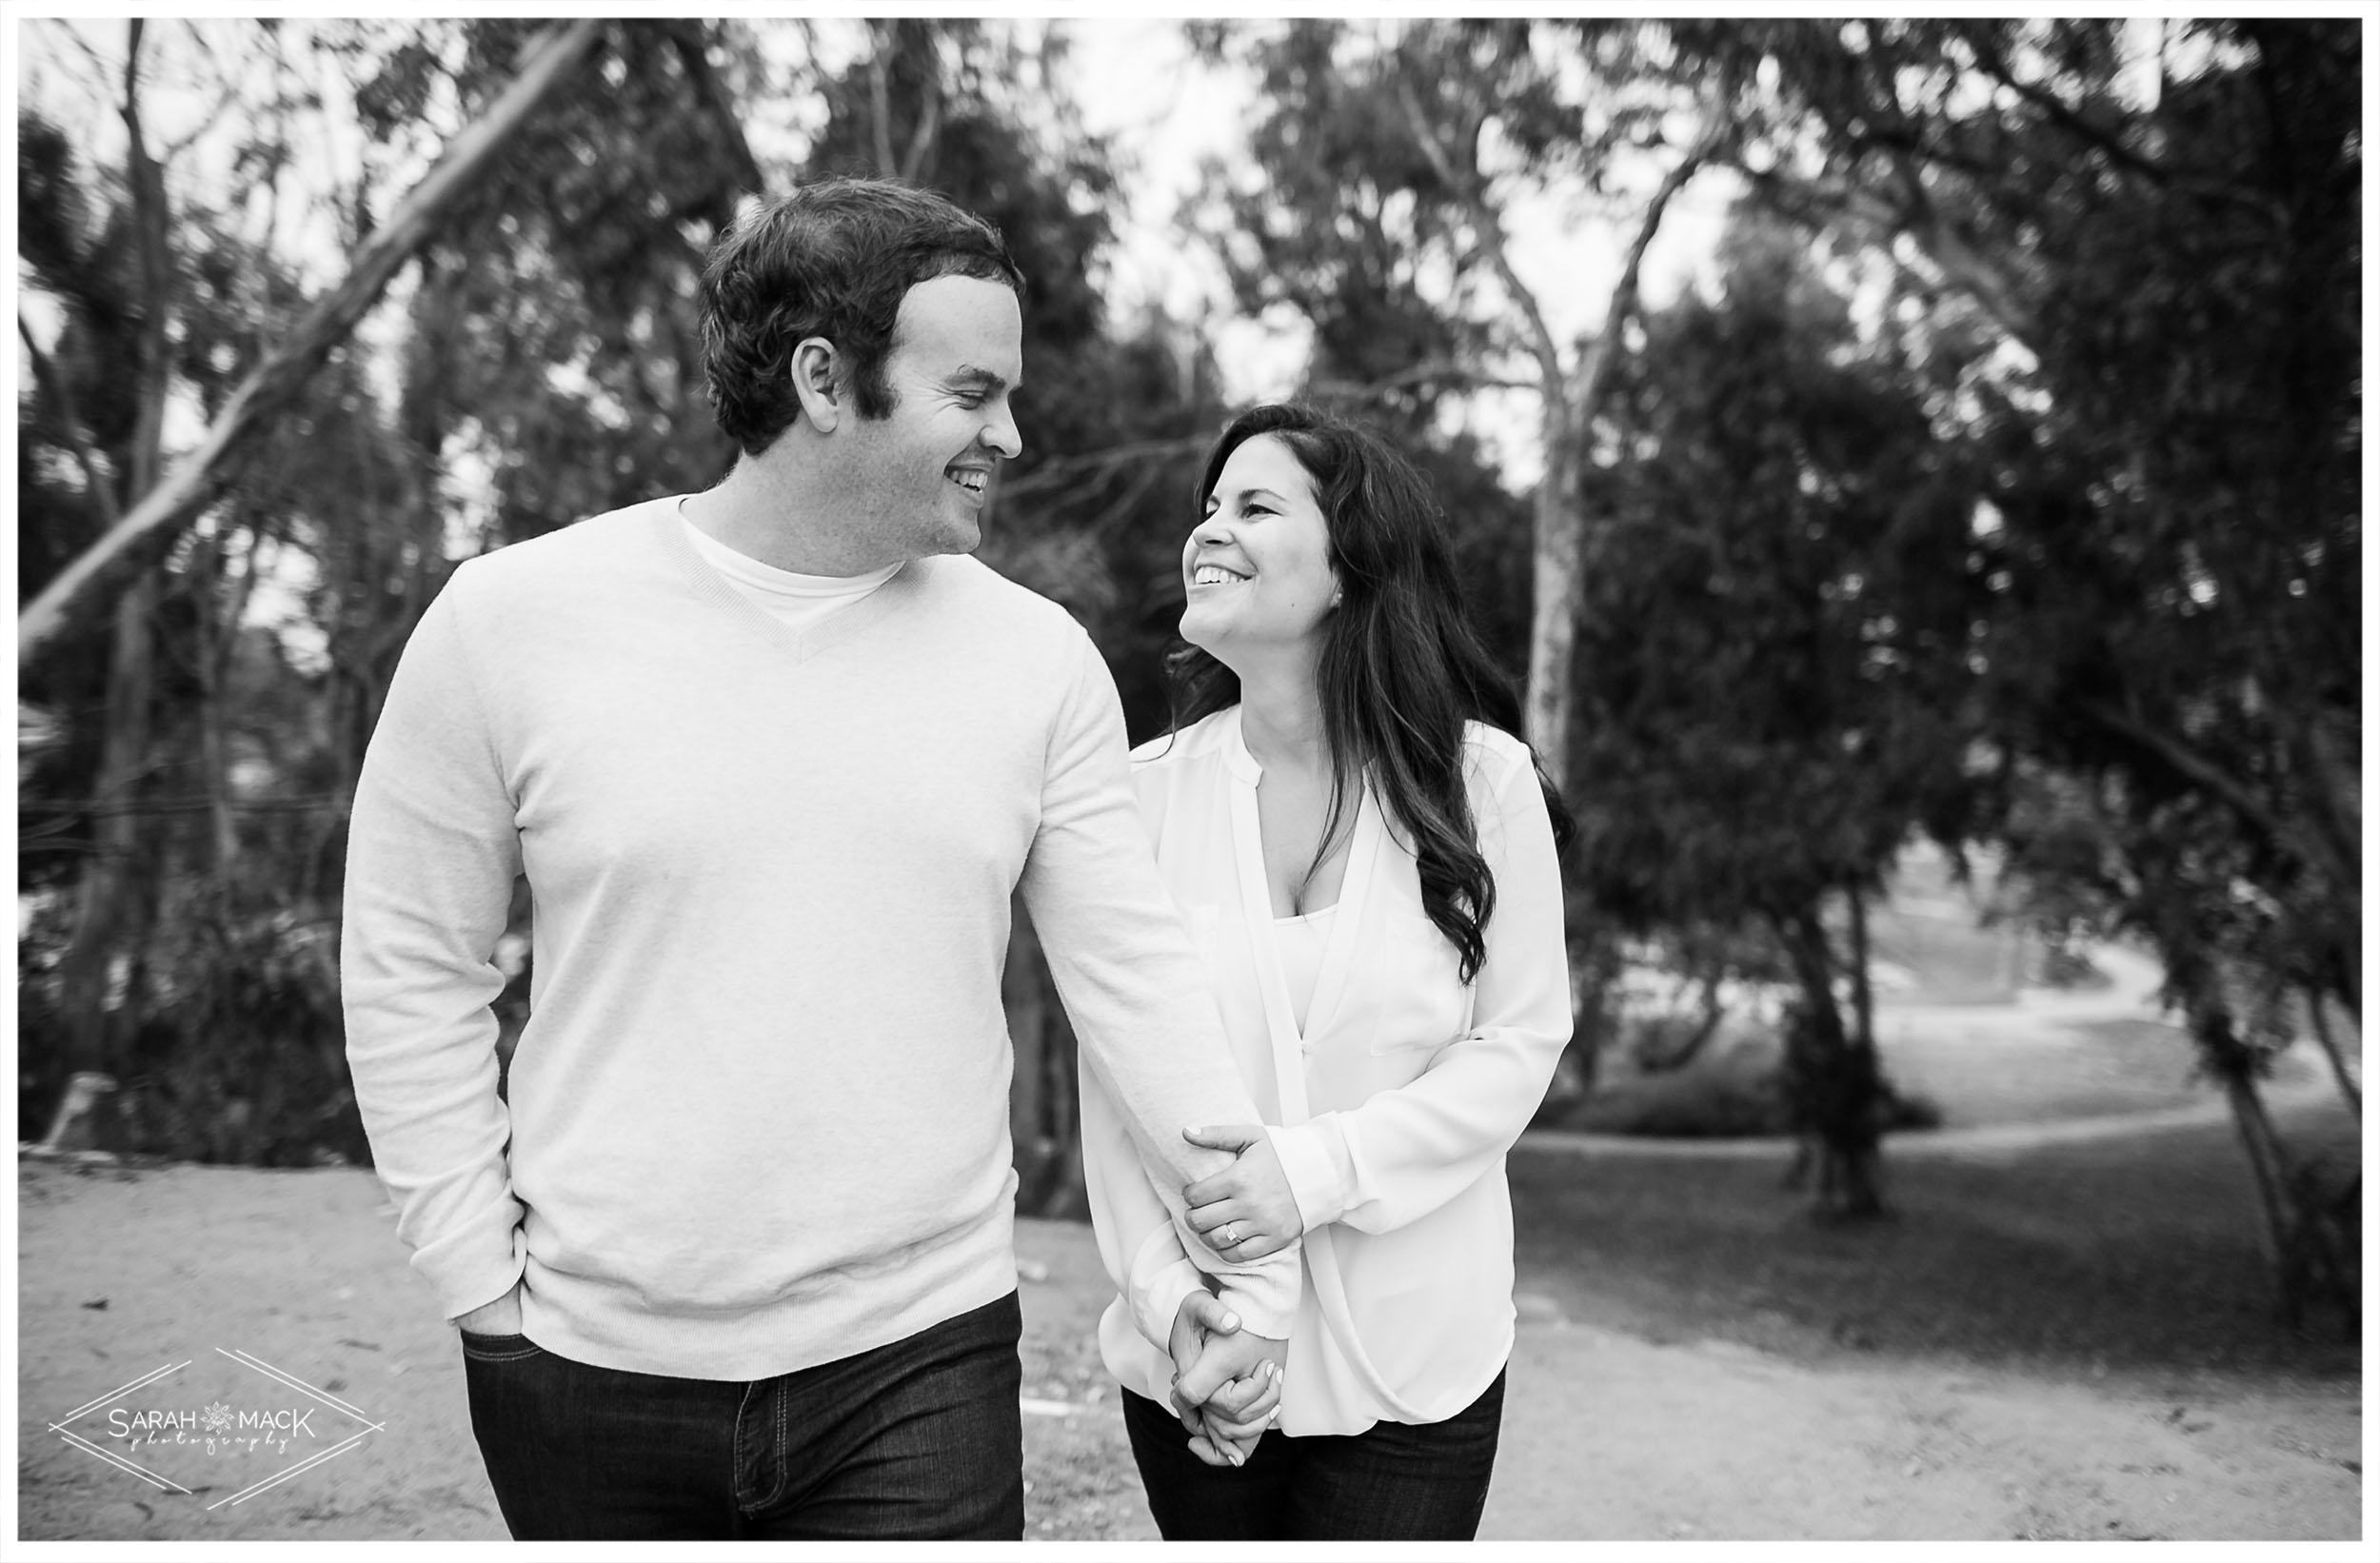 AM-Huntington-Beach-Central-Park-Engagement-Photography-12.jpg